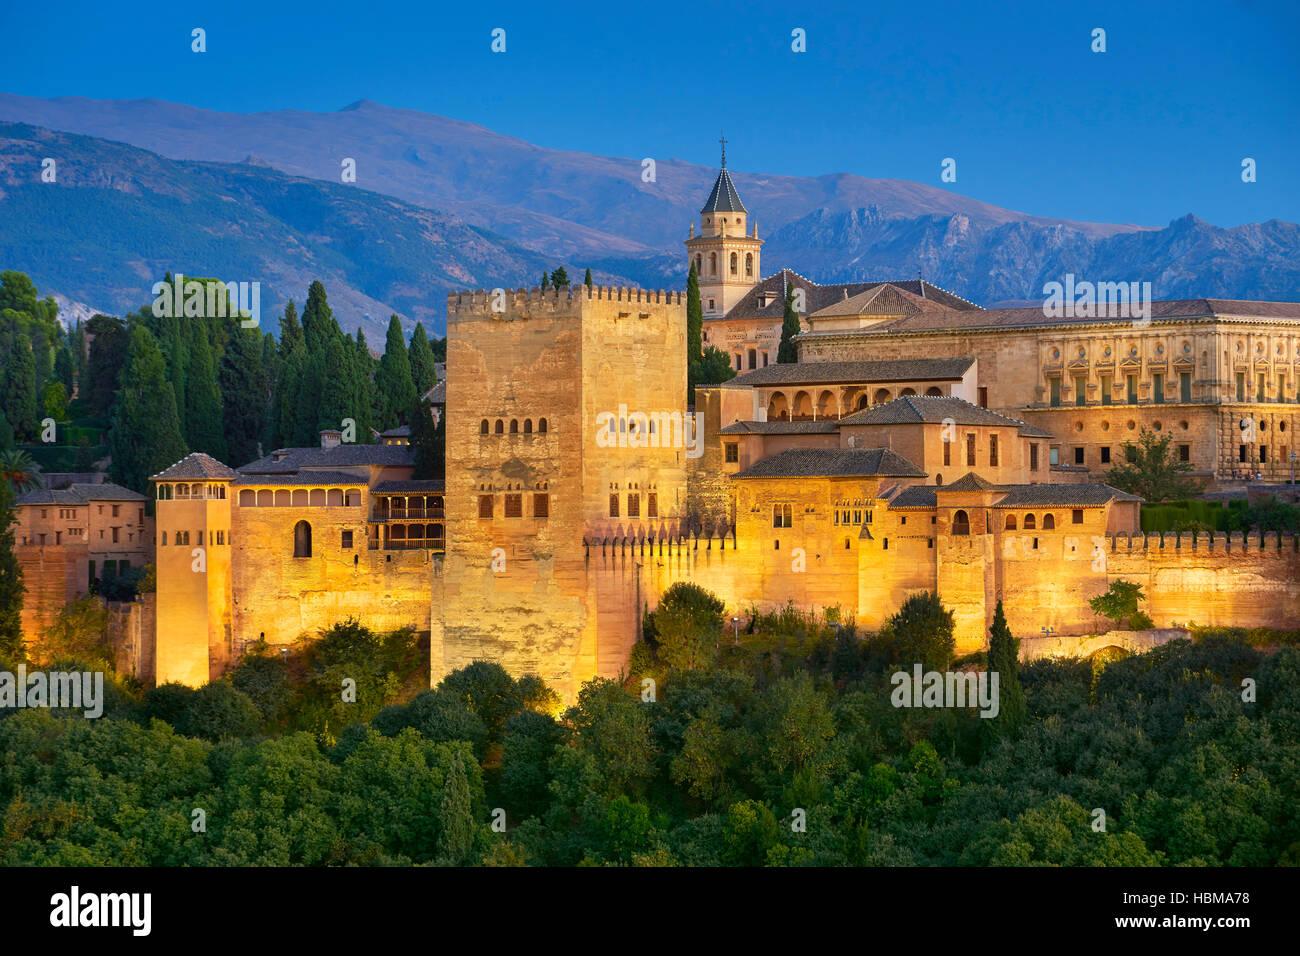 En evenig Palacio de la Alhambra, Granada, Andalucía, España. Foto de stock